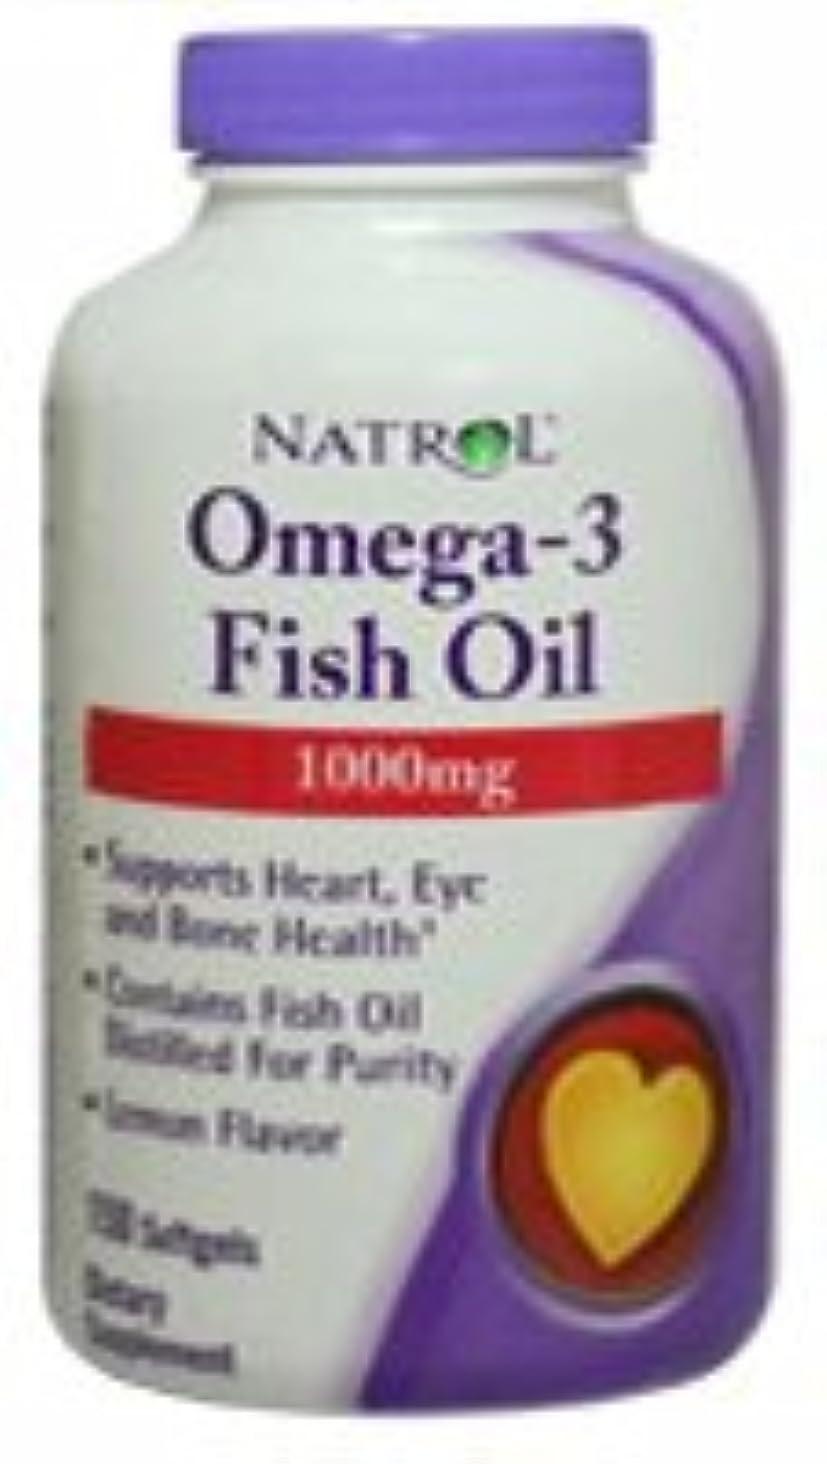 害虫修復困難[海外直送品] Natrol オメガ3 フィッシュオイル 1000mg 150粒  レモンフレーバー